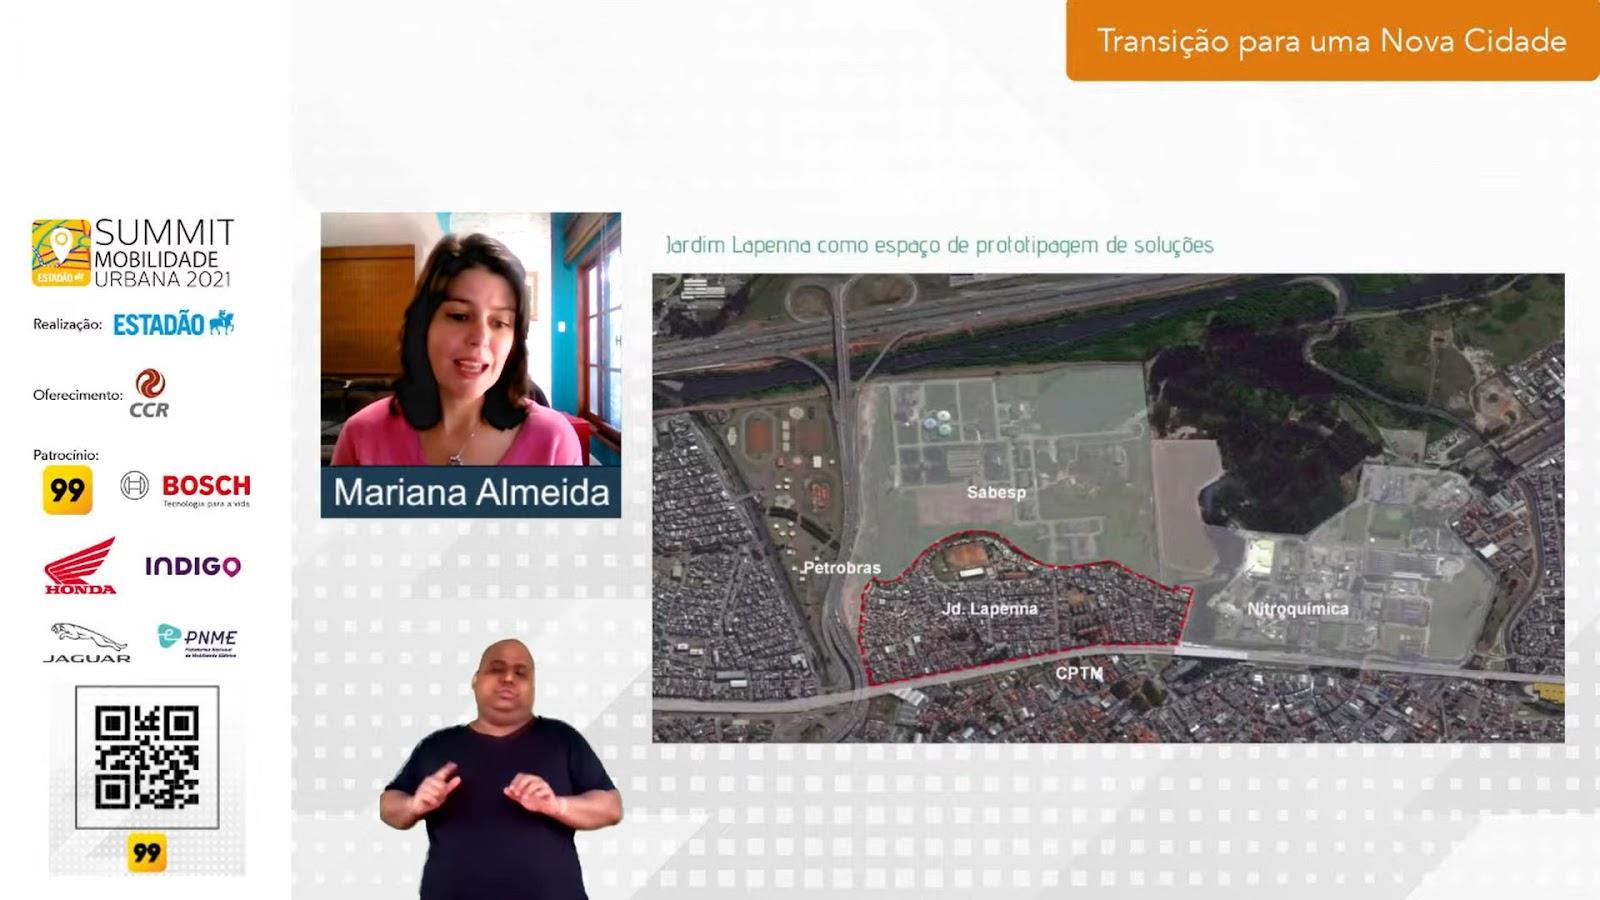 Protagonismo comunitário foi capaz de promover transformações no Jardim Lapena, em São Paulo. (Fonte: Summit Mobilidade Urbana 2021/Reprodução)